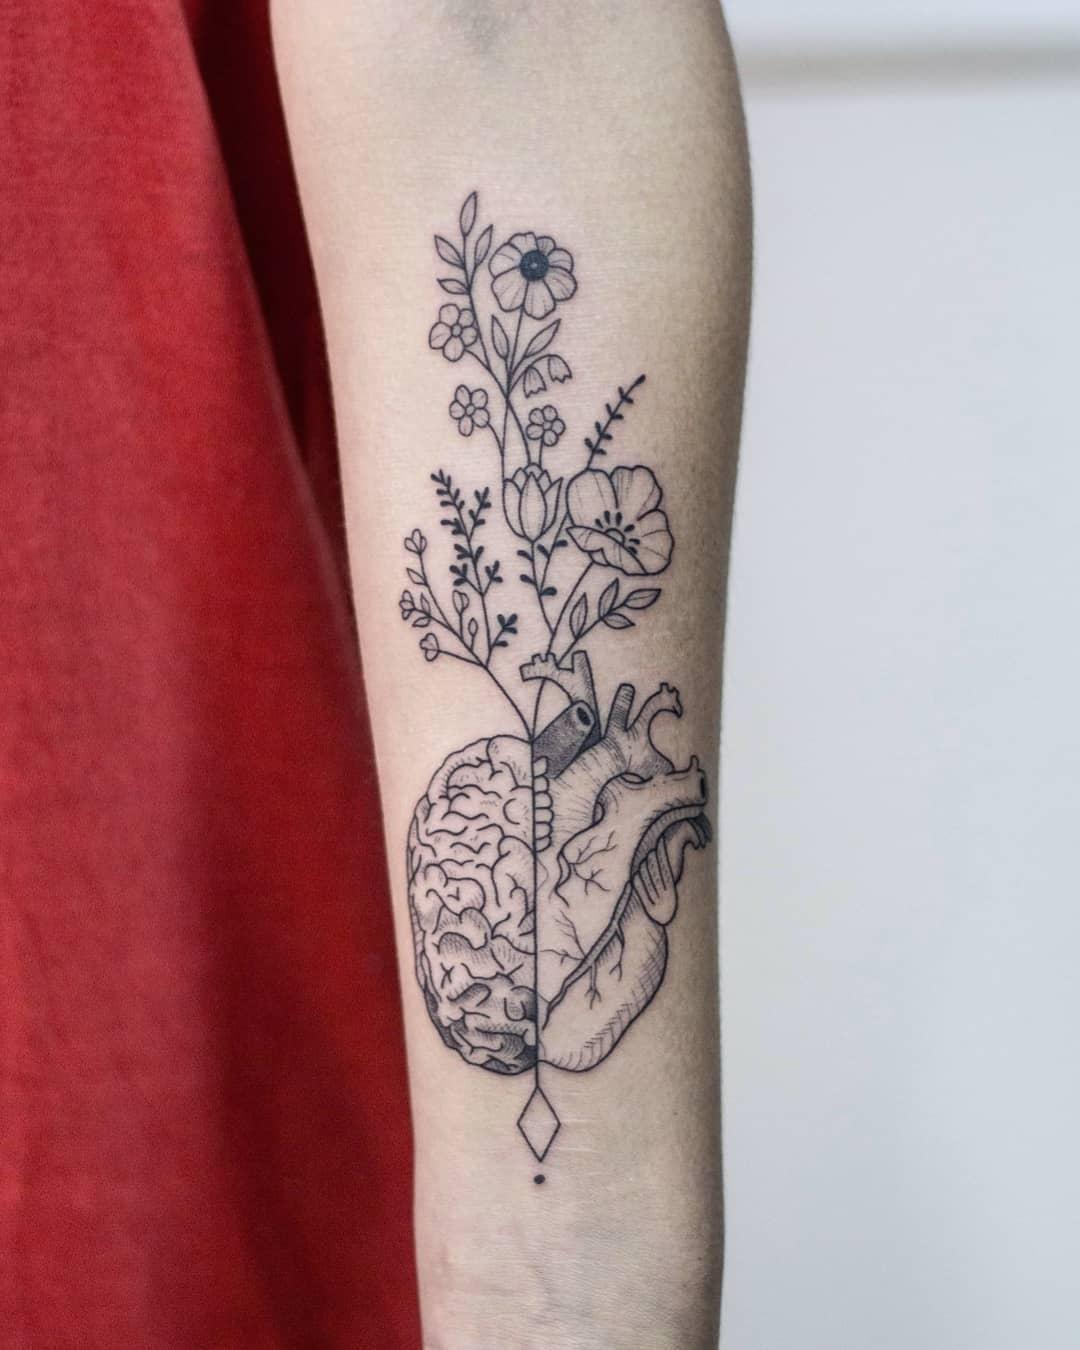 Con ganas de un tatuaje? 11 tatuadores en Santiago que te harán caer en la  tentación - Depto51 Blog